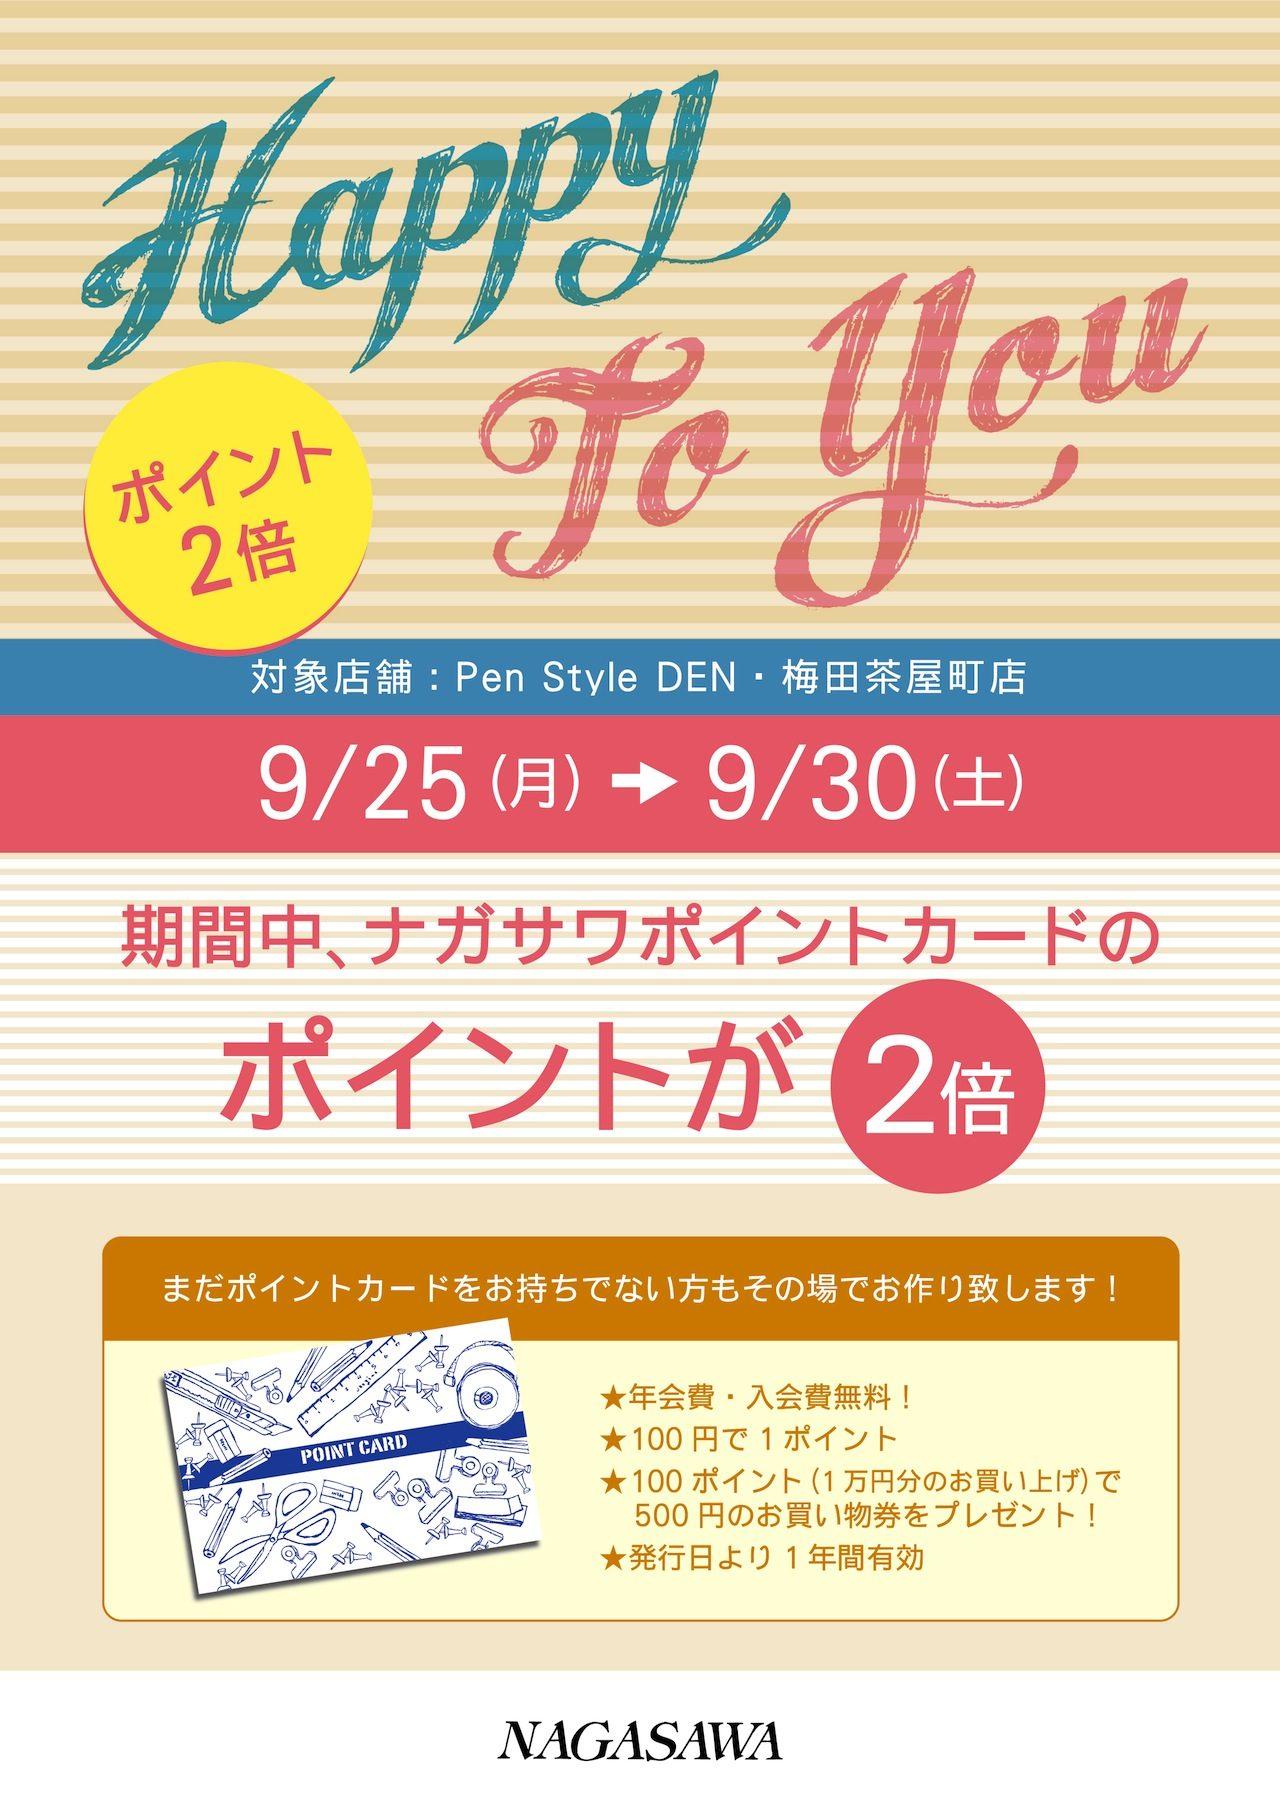 ナガサワポイントカード ポイント2倍キャンペーン @NAGASAWA PenStyle DEN & 梅田茶屋町店